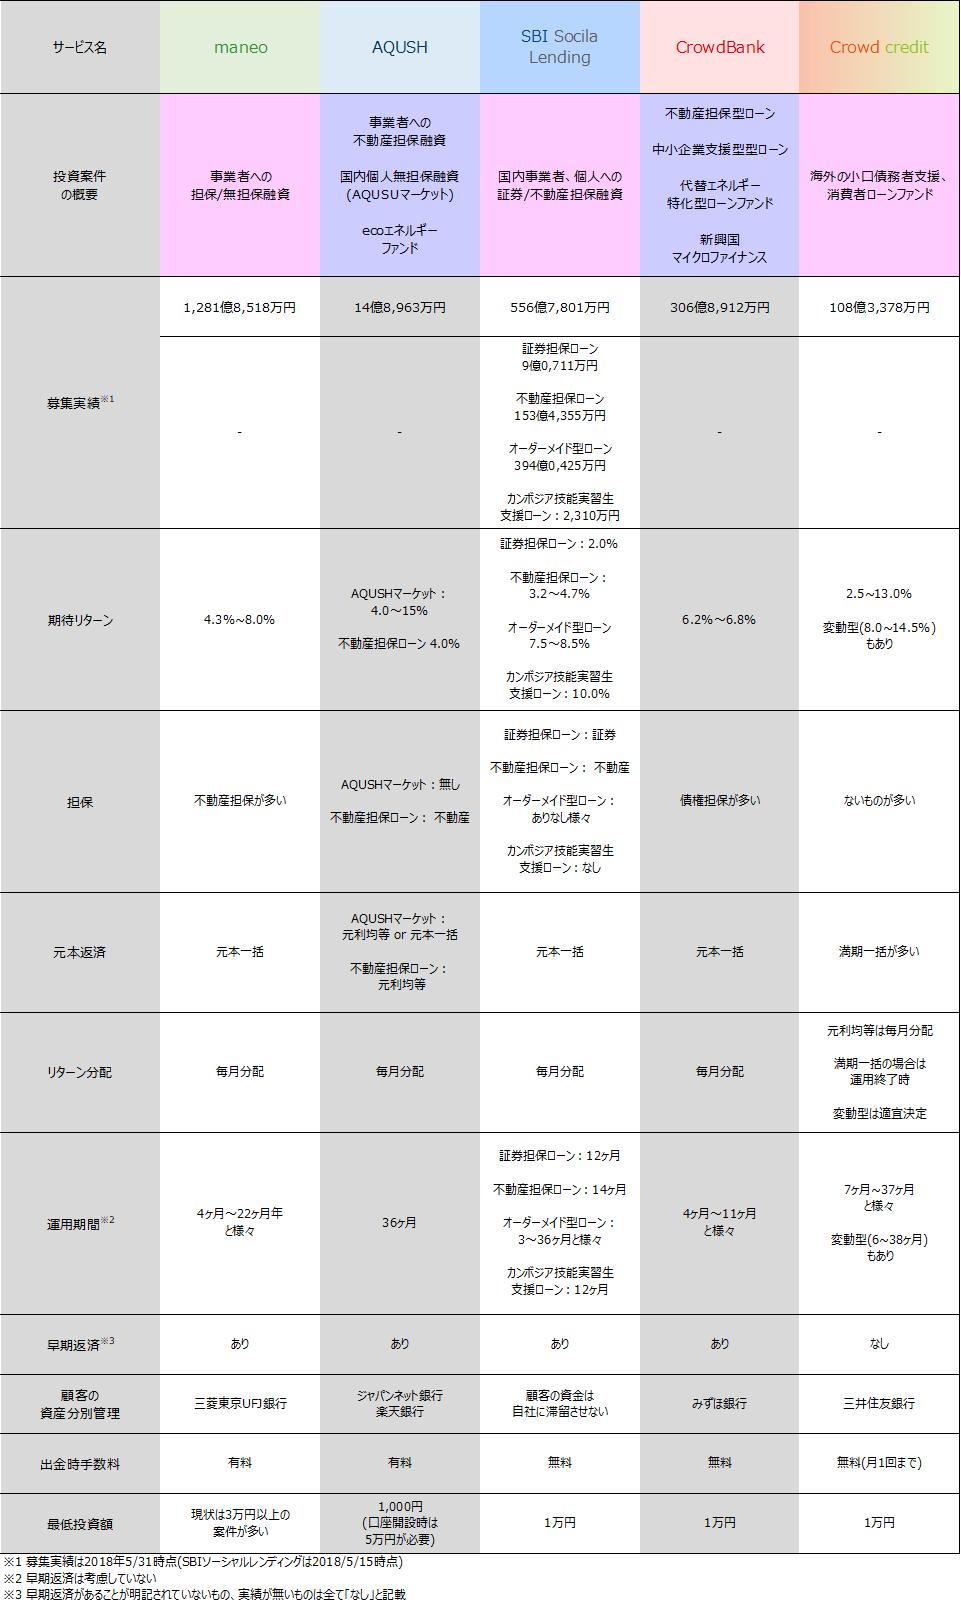 01_ソーシャルレンディング2018年6月案件比較